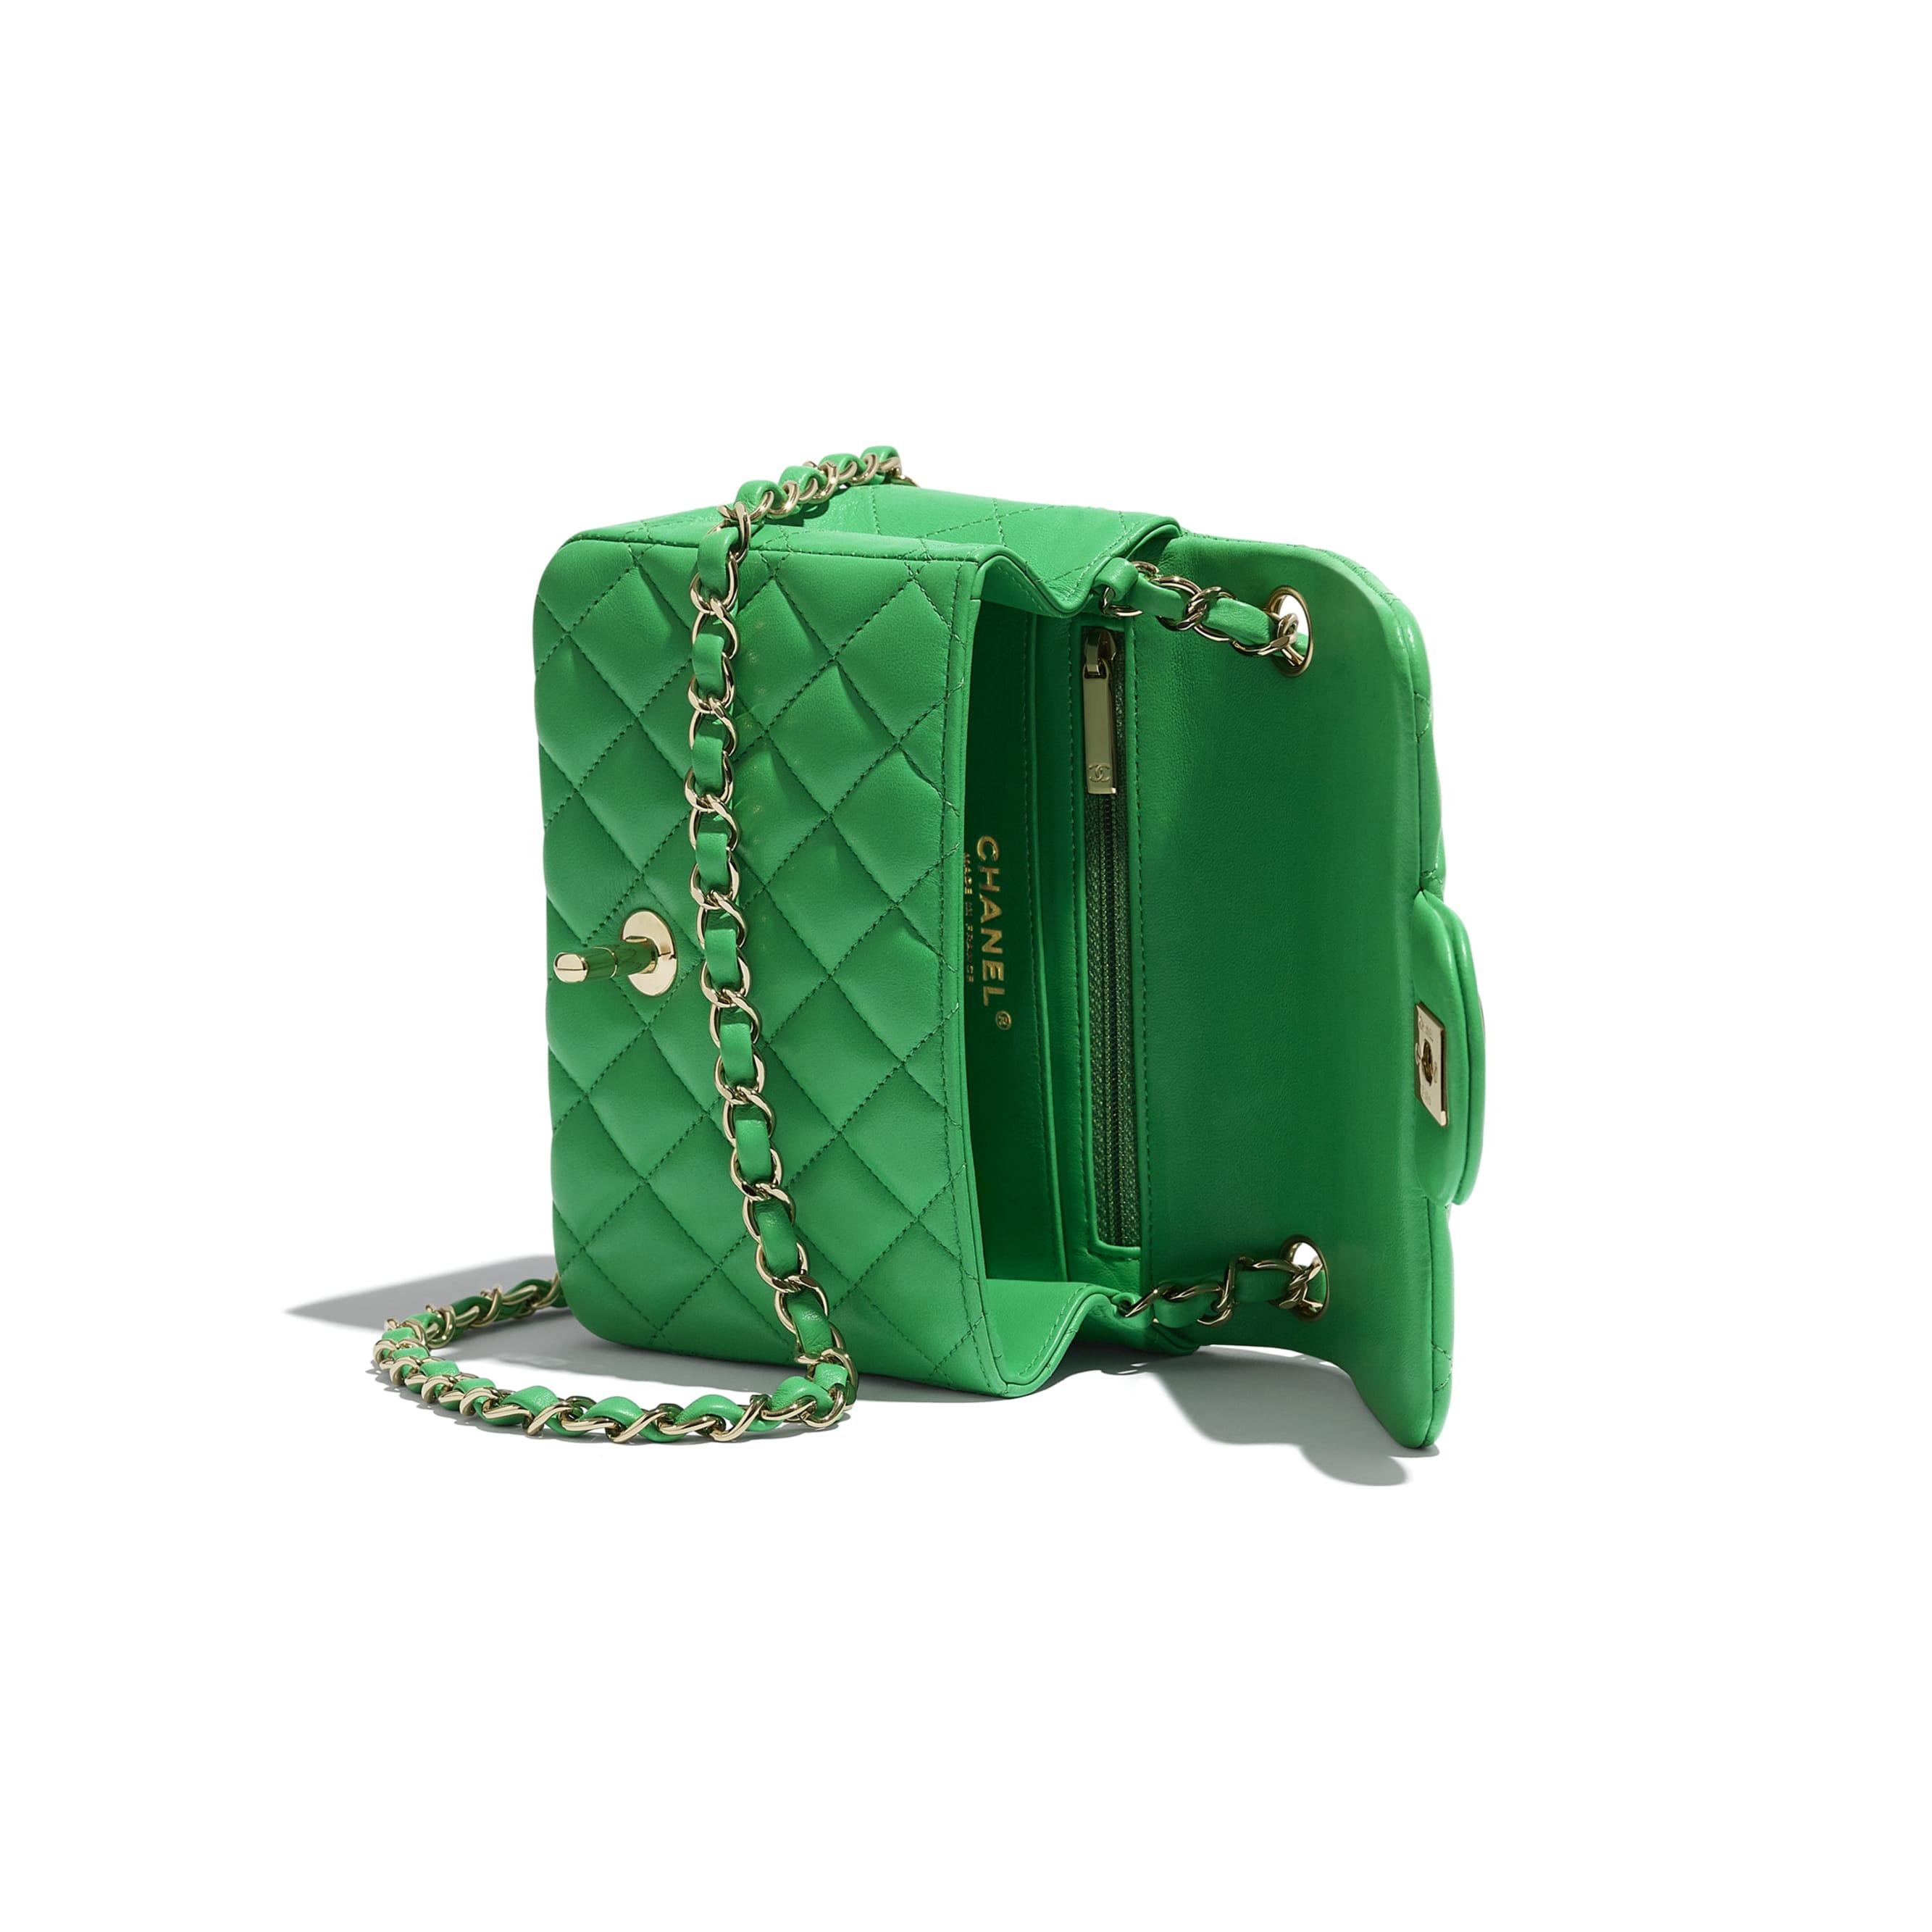 Torebka z klapką wersja mini - Kolor zielony - Skóra jagnięca i metal w tonacji złotej - CHANEL - Inny widok – zobacz w standardowym rozmiarze